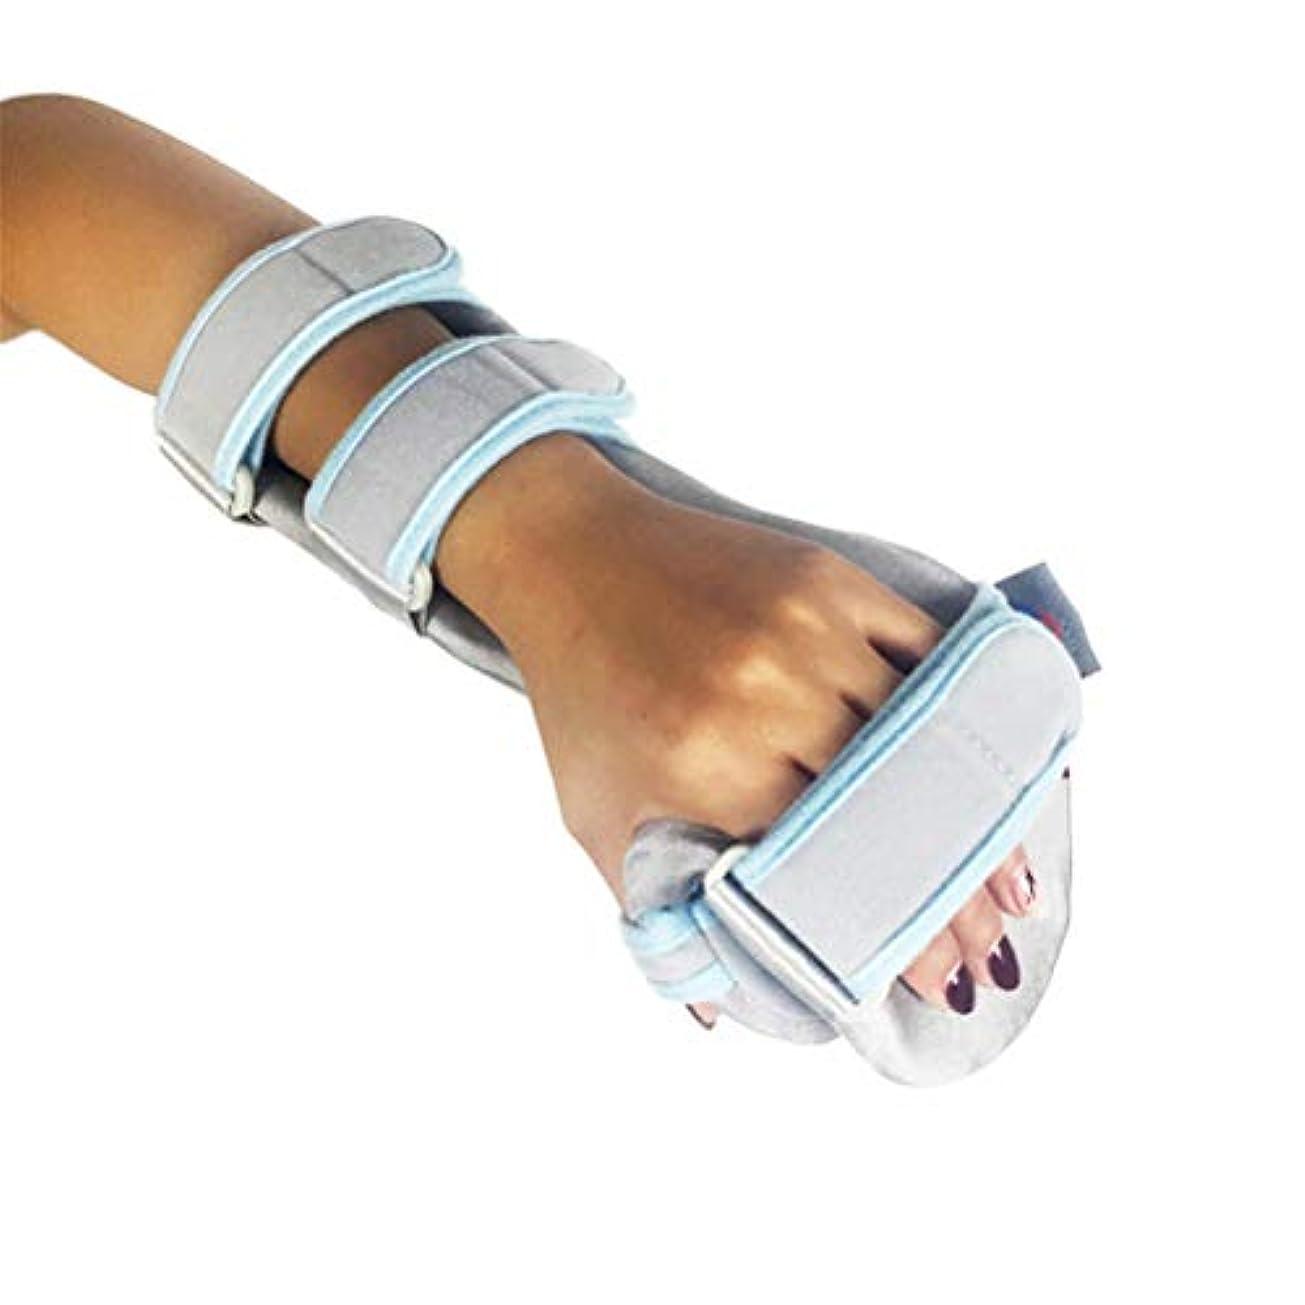 HEALIFTY 指スプリントフィンガー手首骨折固定足場用腱腱炎腱炎骨折関節炎転位(右手)